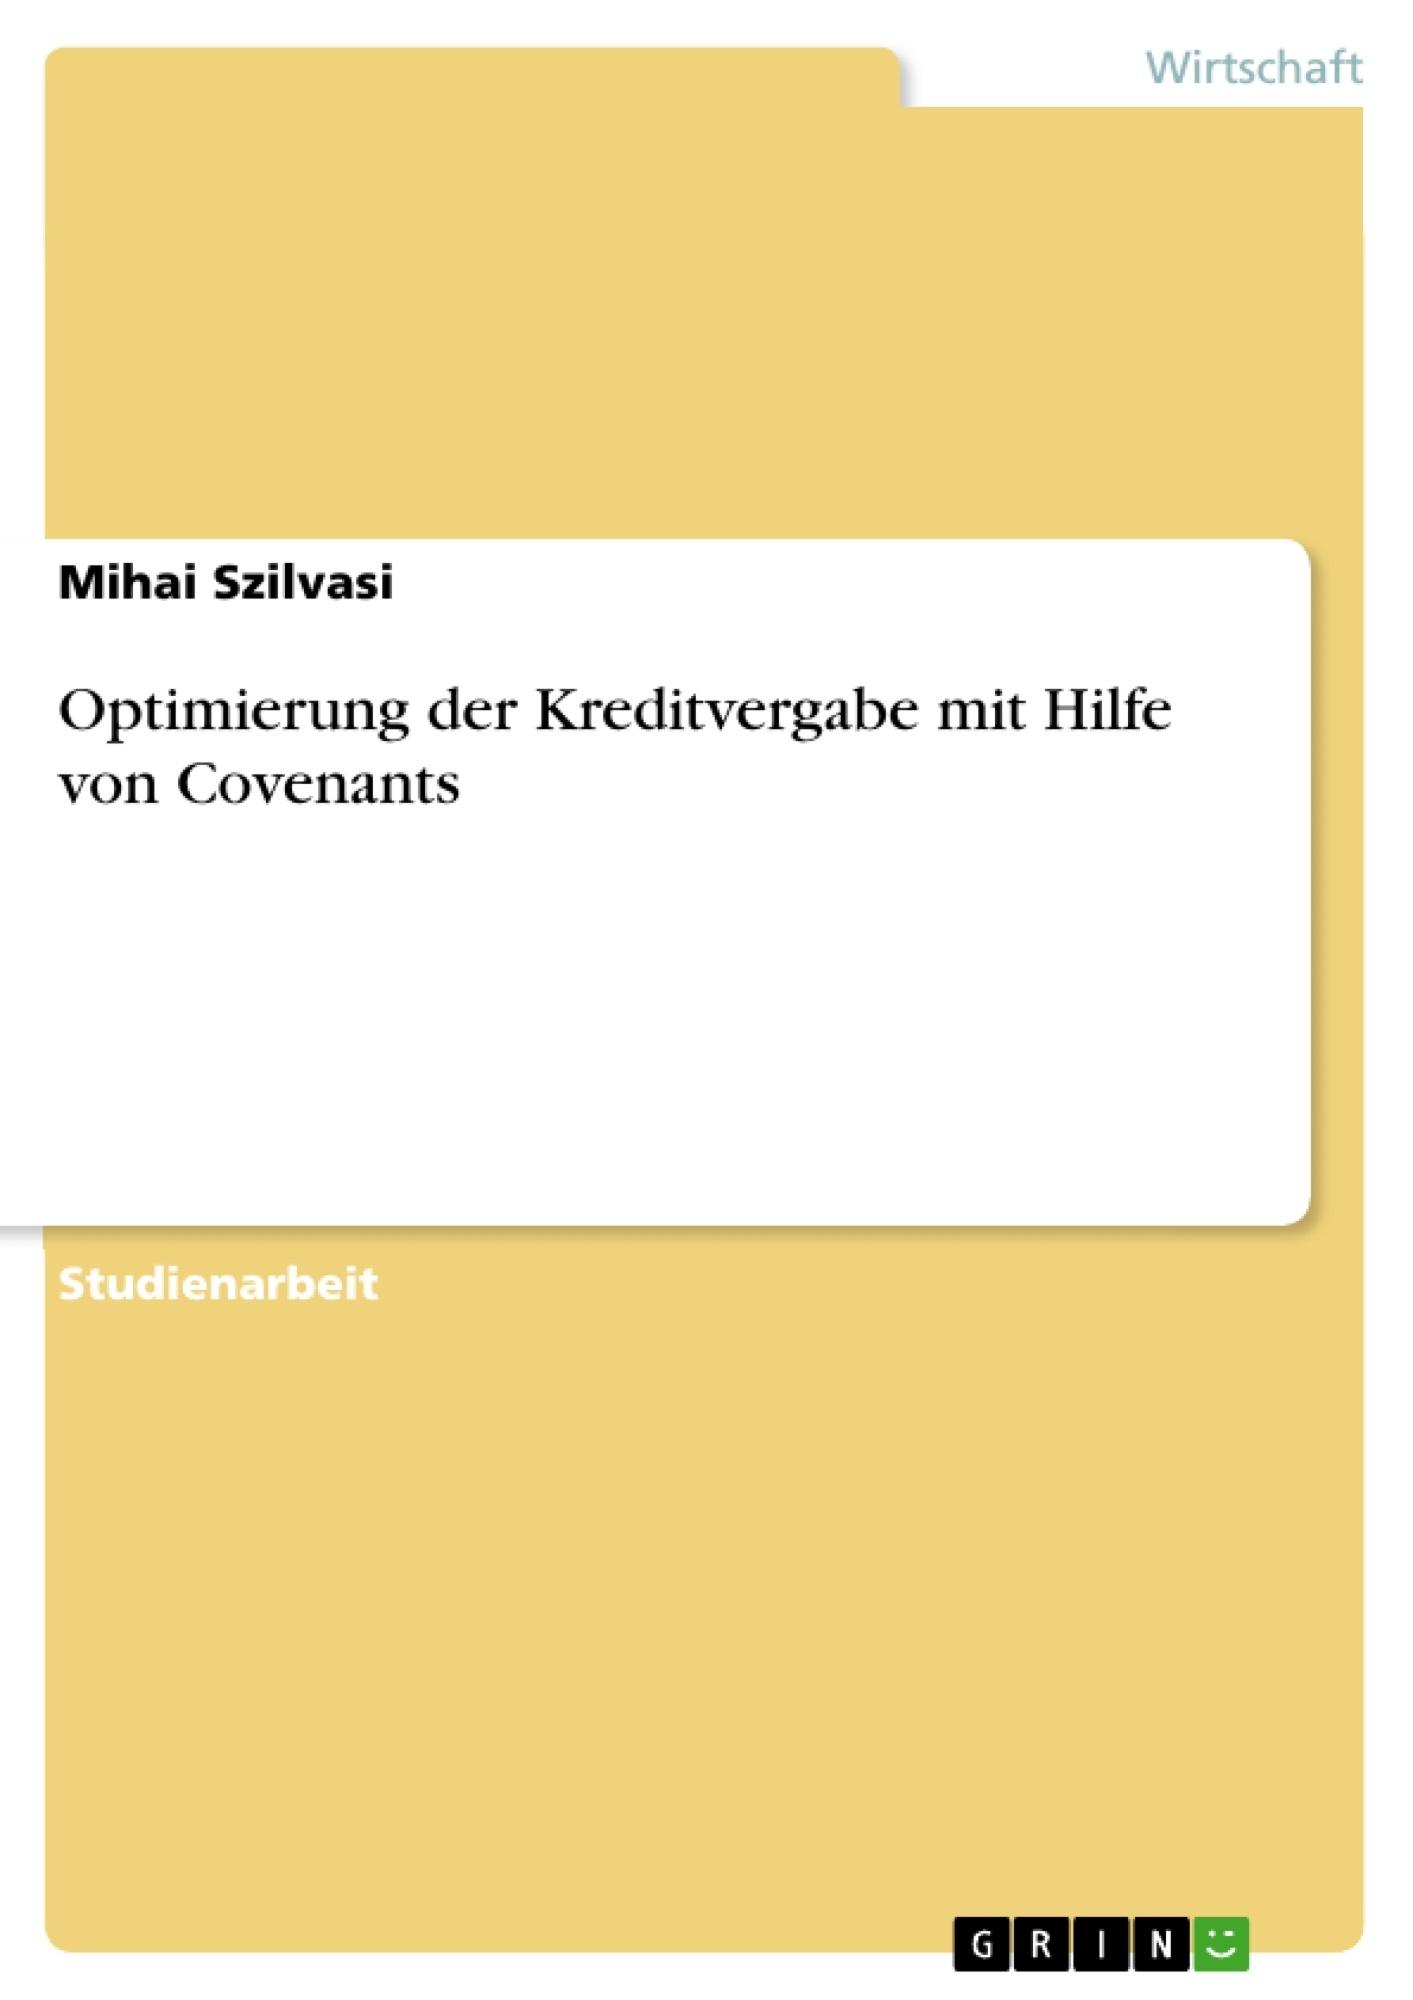 Titel: Optimierung der Kreditvergabe mit Hilfe von Covenants